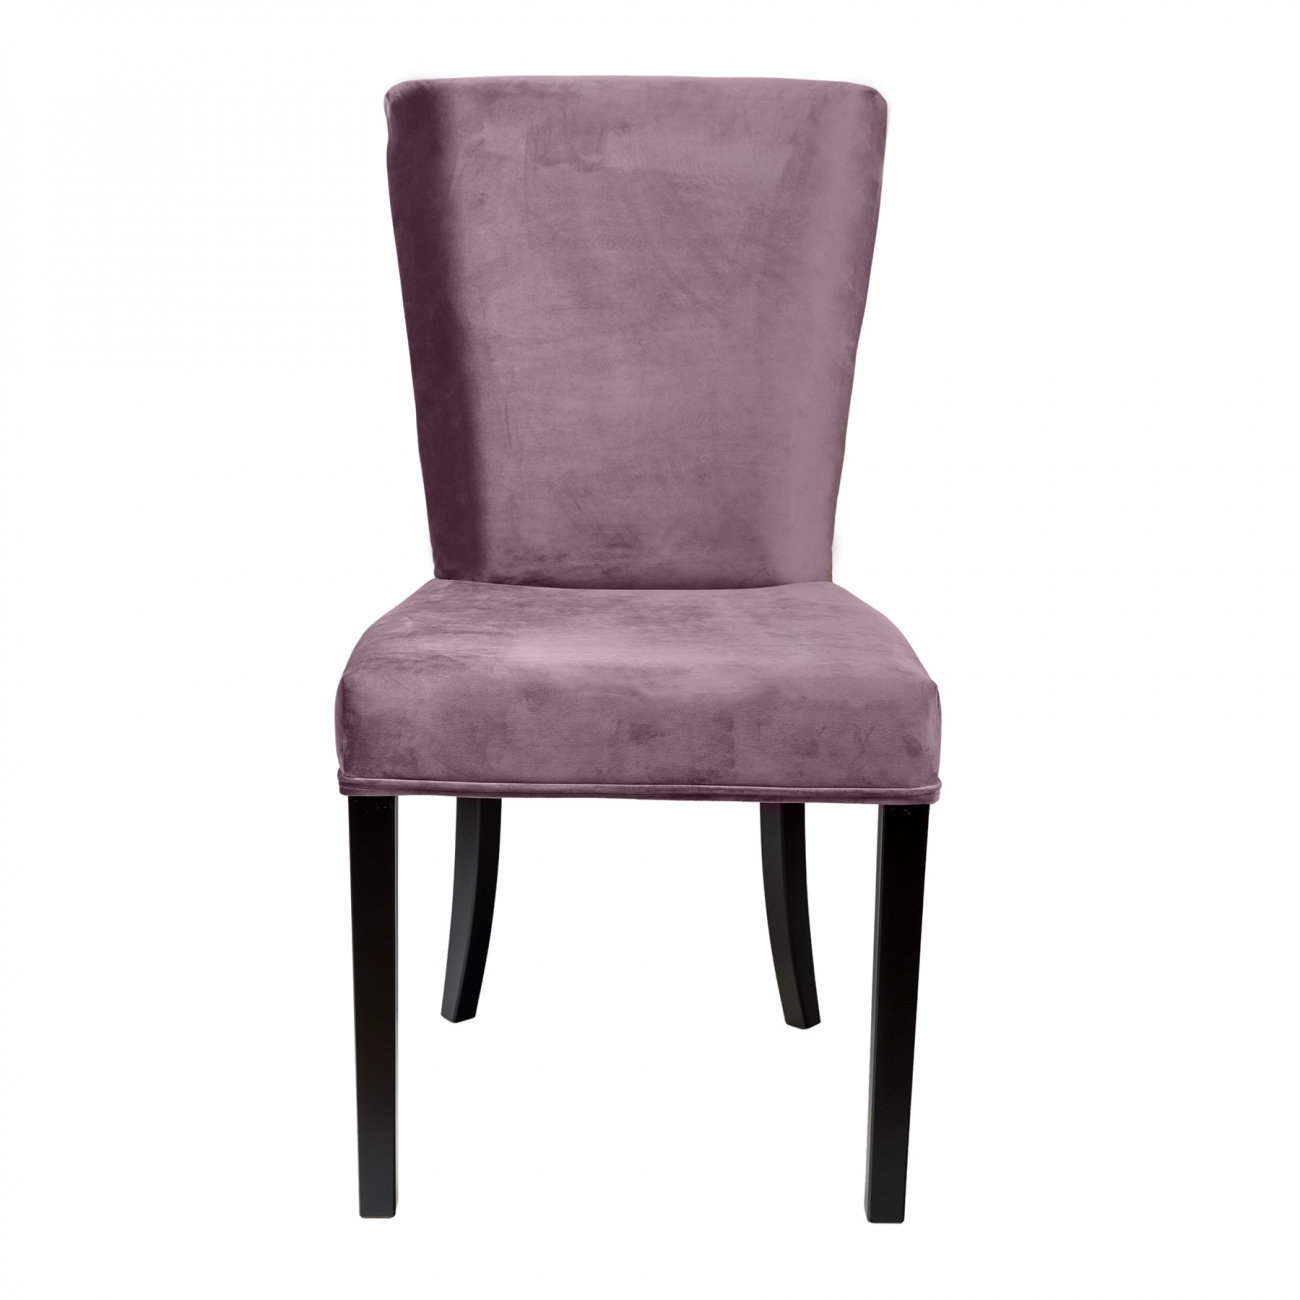 Купить Стул Sophisticated Серо-Фиолетовый Микровелюр в интернет магазине дизайнерской мебели и аксессуаров для дома и дачи